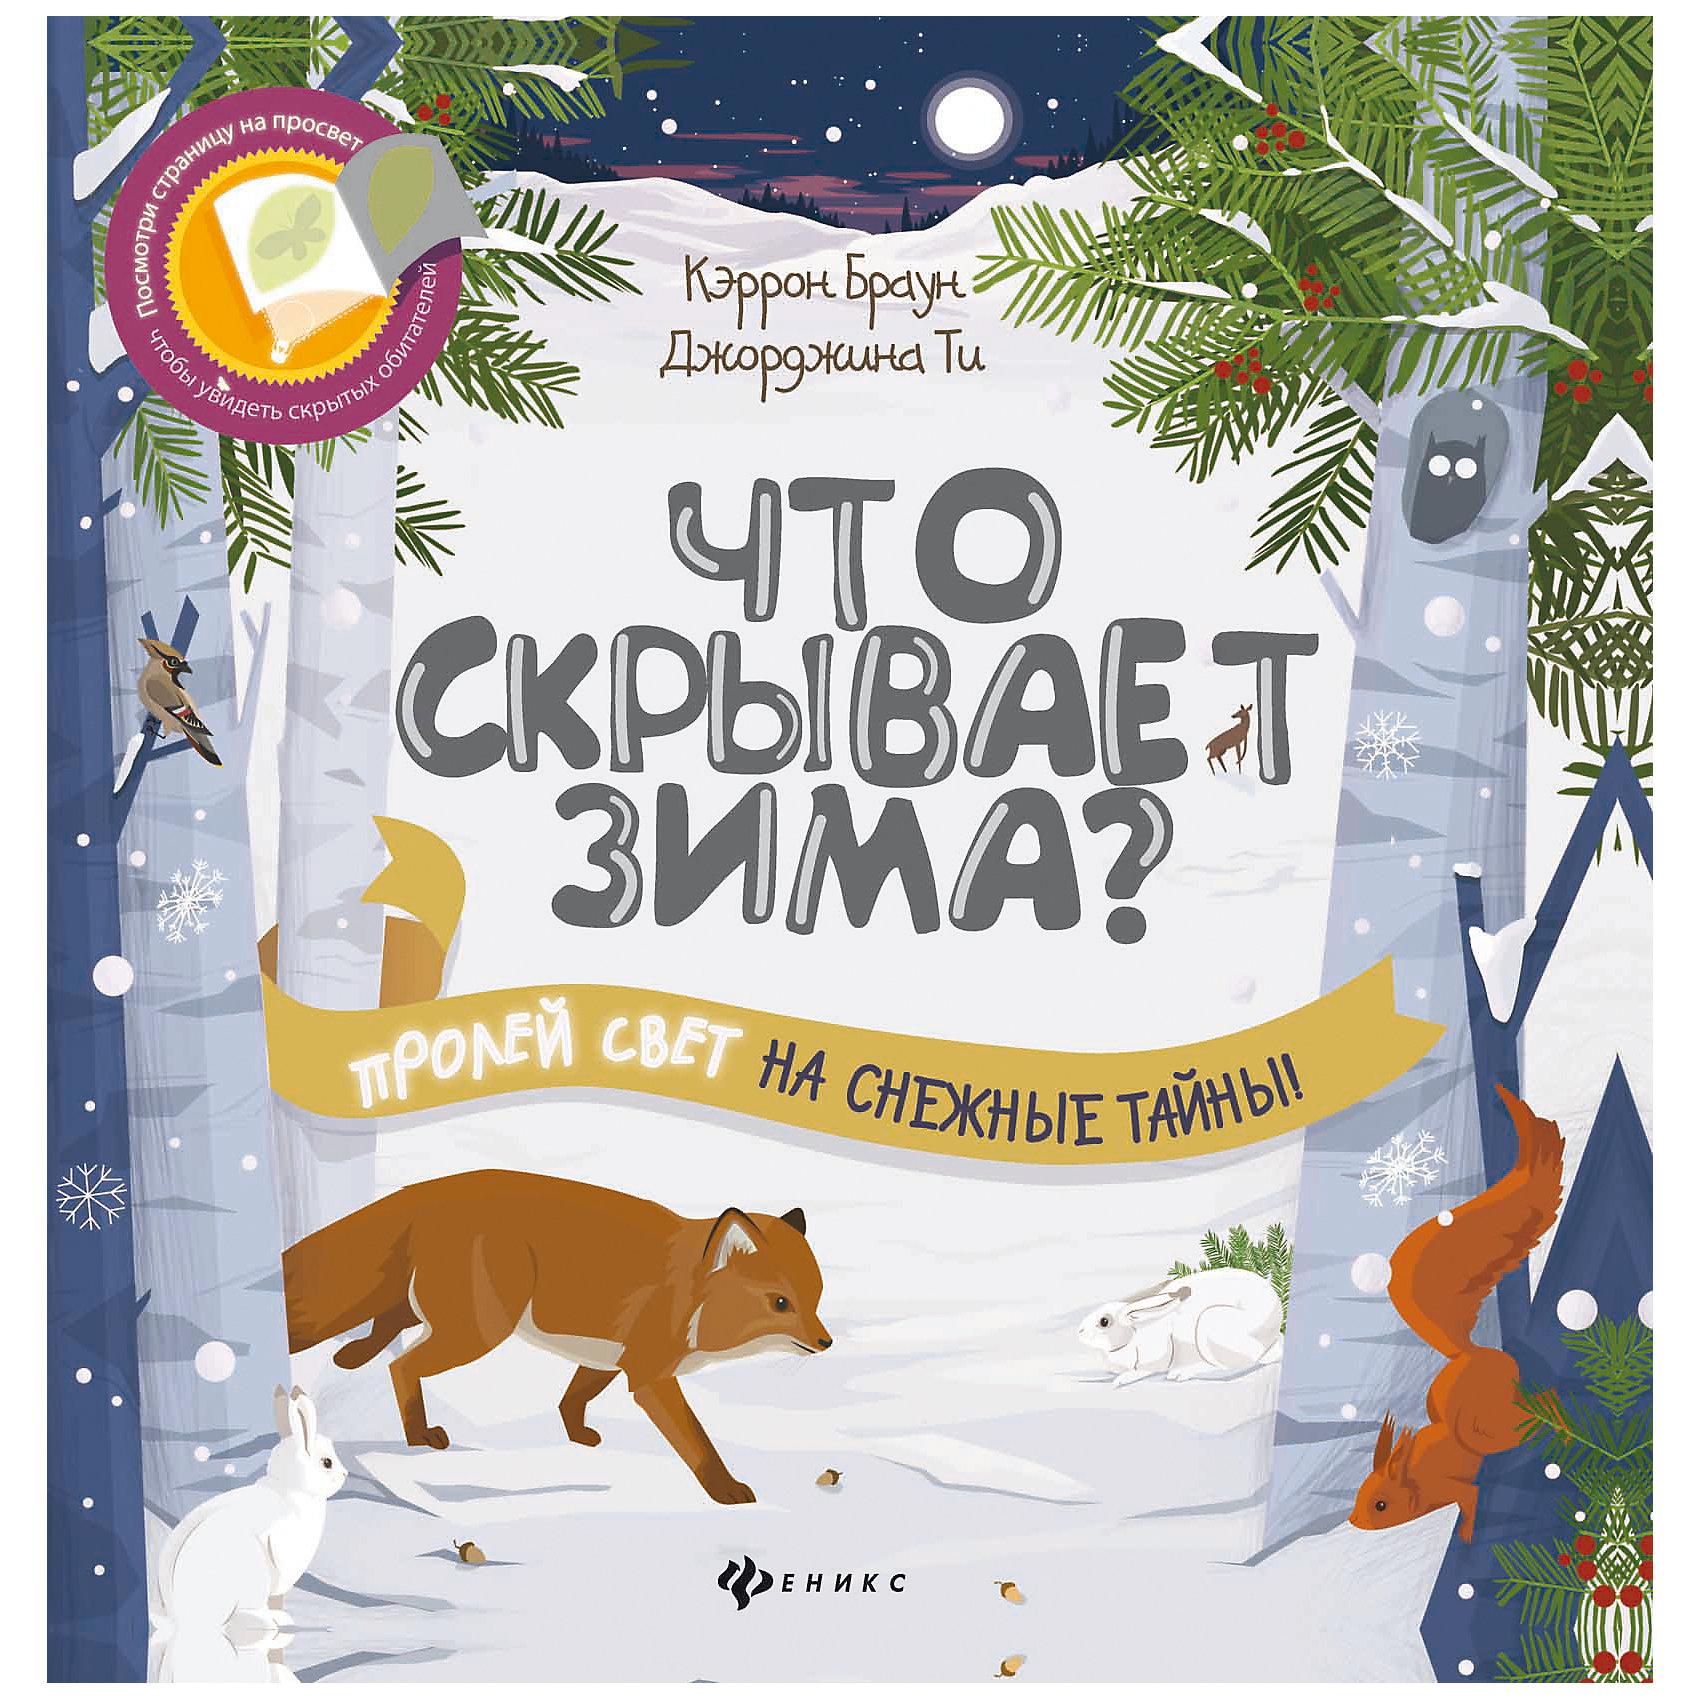 Что скрывает зима?Что происходит зимой за пределами дома и даже города? Посвети фонариком на страницу - и узнаешь. Присмотрись к скованным льдом деревьям и ты обнаружишь удивительный мир, полный сюрпризов! Где спят улитки? И спят ли рыбы подо льдом? Скорее открывай книгу!<br><br>Ширина мм: 267<br>Глубина мм: 266<br>Высота мм: 10<br>Вес г: 452<br>Возраст от месяцев: 12<br>Возраст до месяцев: 72<br>Пол: Унисекс<br>Возраст: Детский<br>SKU: 5120191